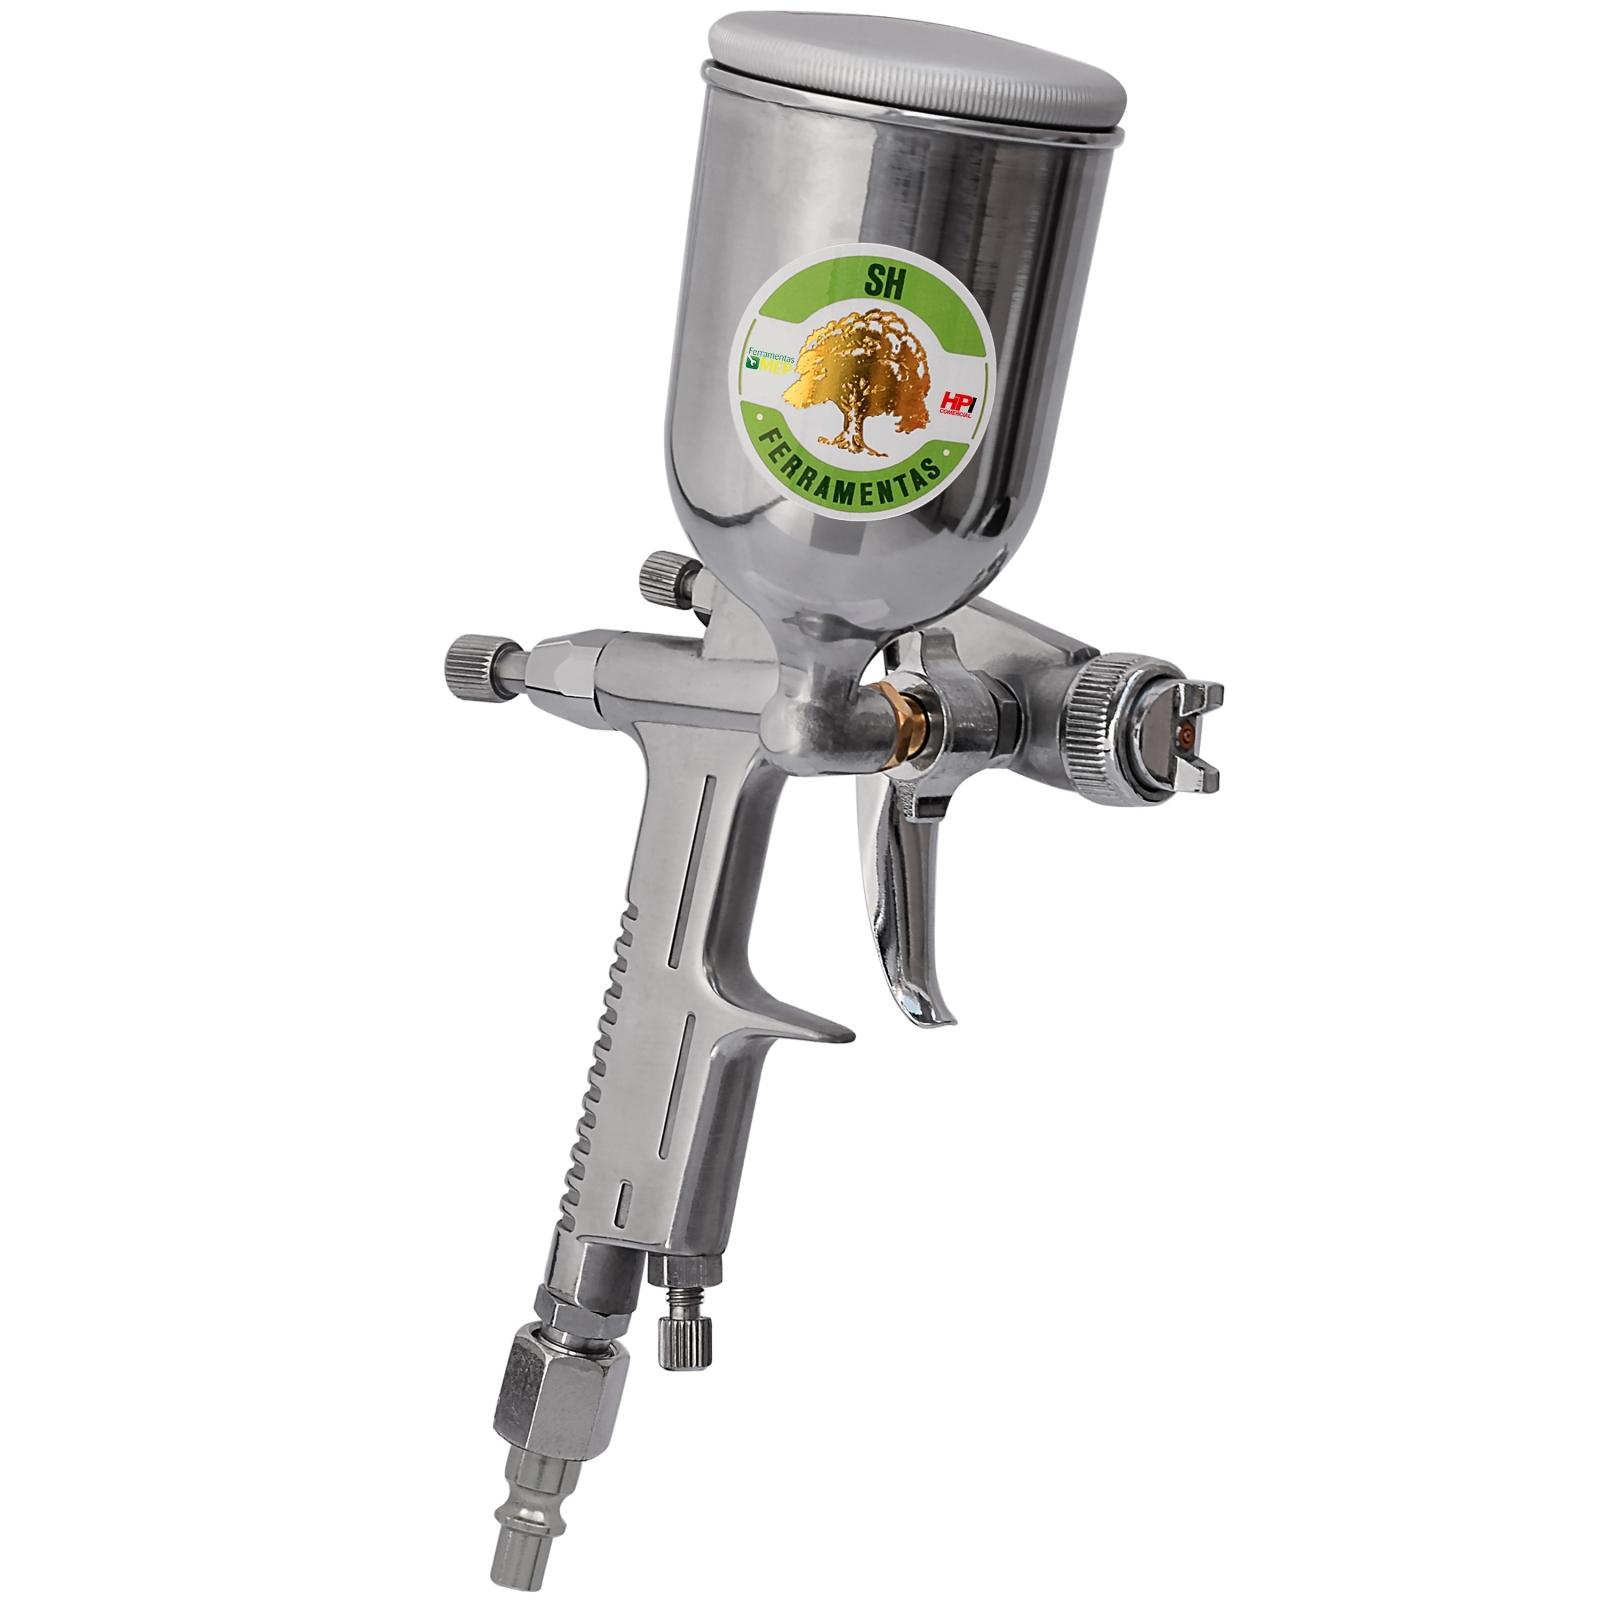 Pistola De Pintura Gravidade Tipo Aerógrafo - K3 - SH 0171 - Ferramentas MEP